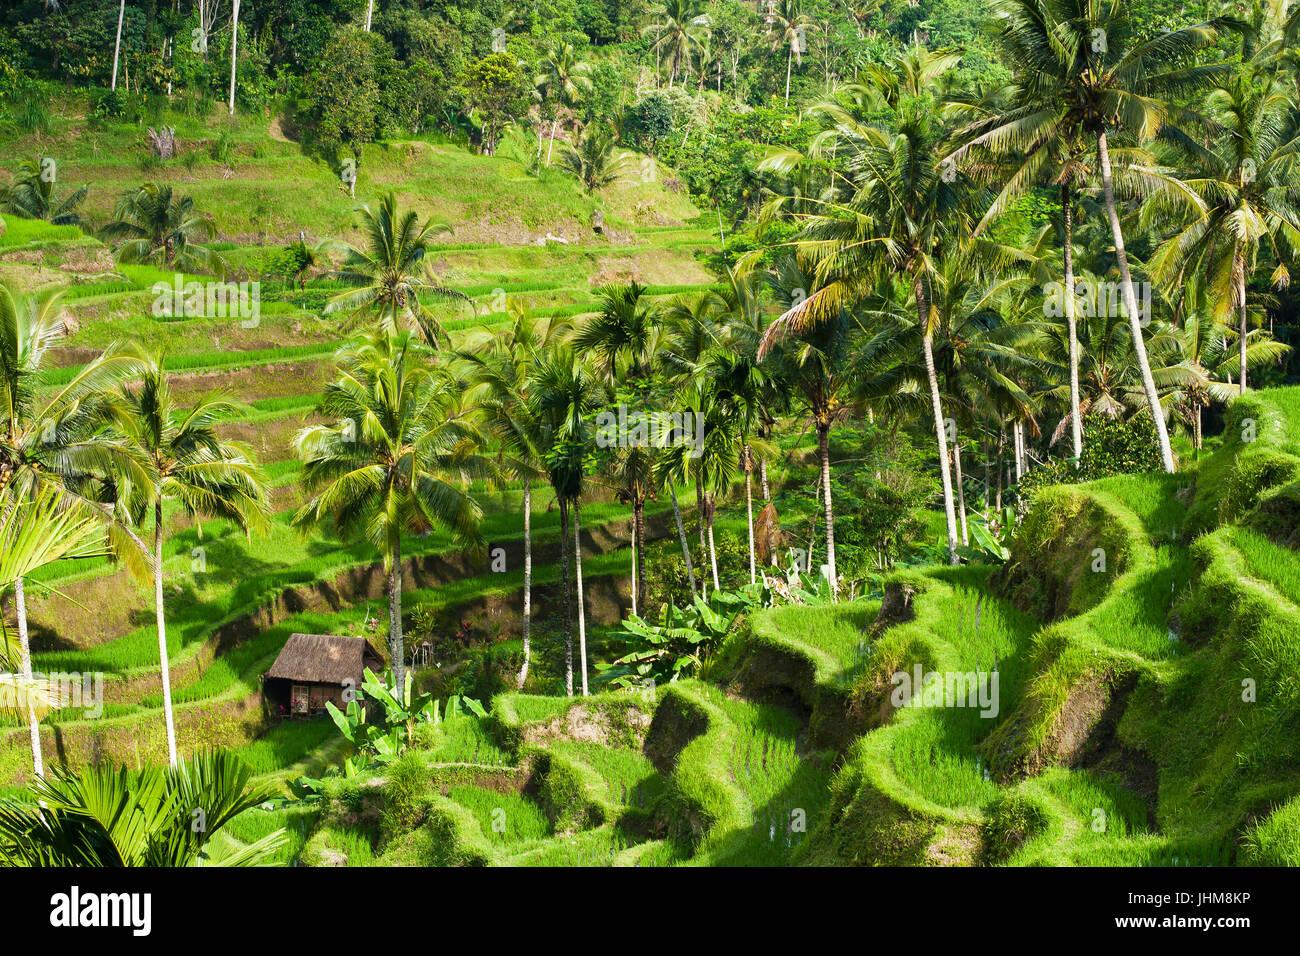 Belles rizières en terrasses dans la lumière du matin, Ubud, Bali, Indonésie. Photo Stock